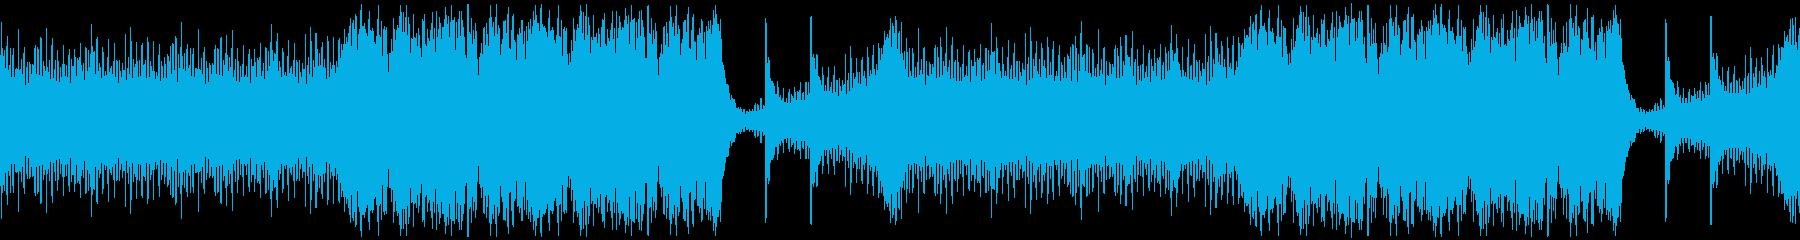 【映画/戦闘シーン/盛り上がりBGM】の再生済みの波形